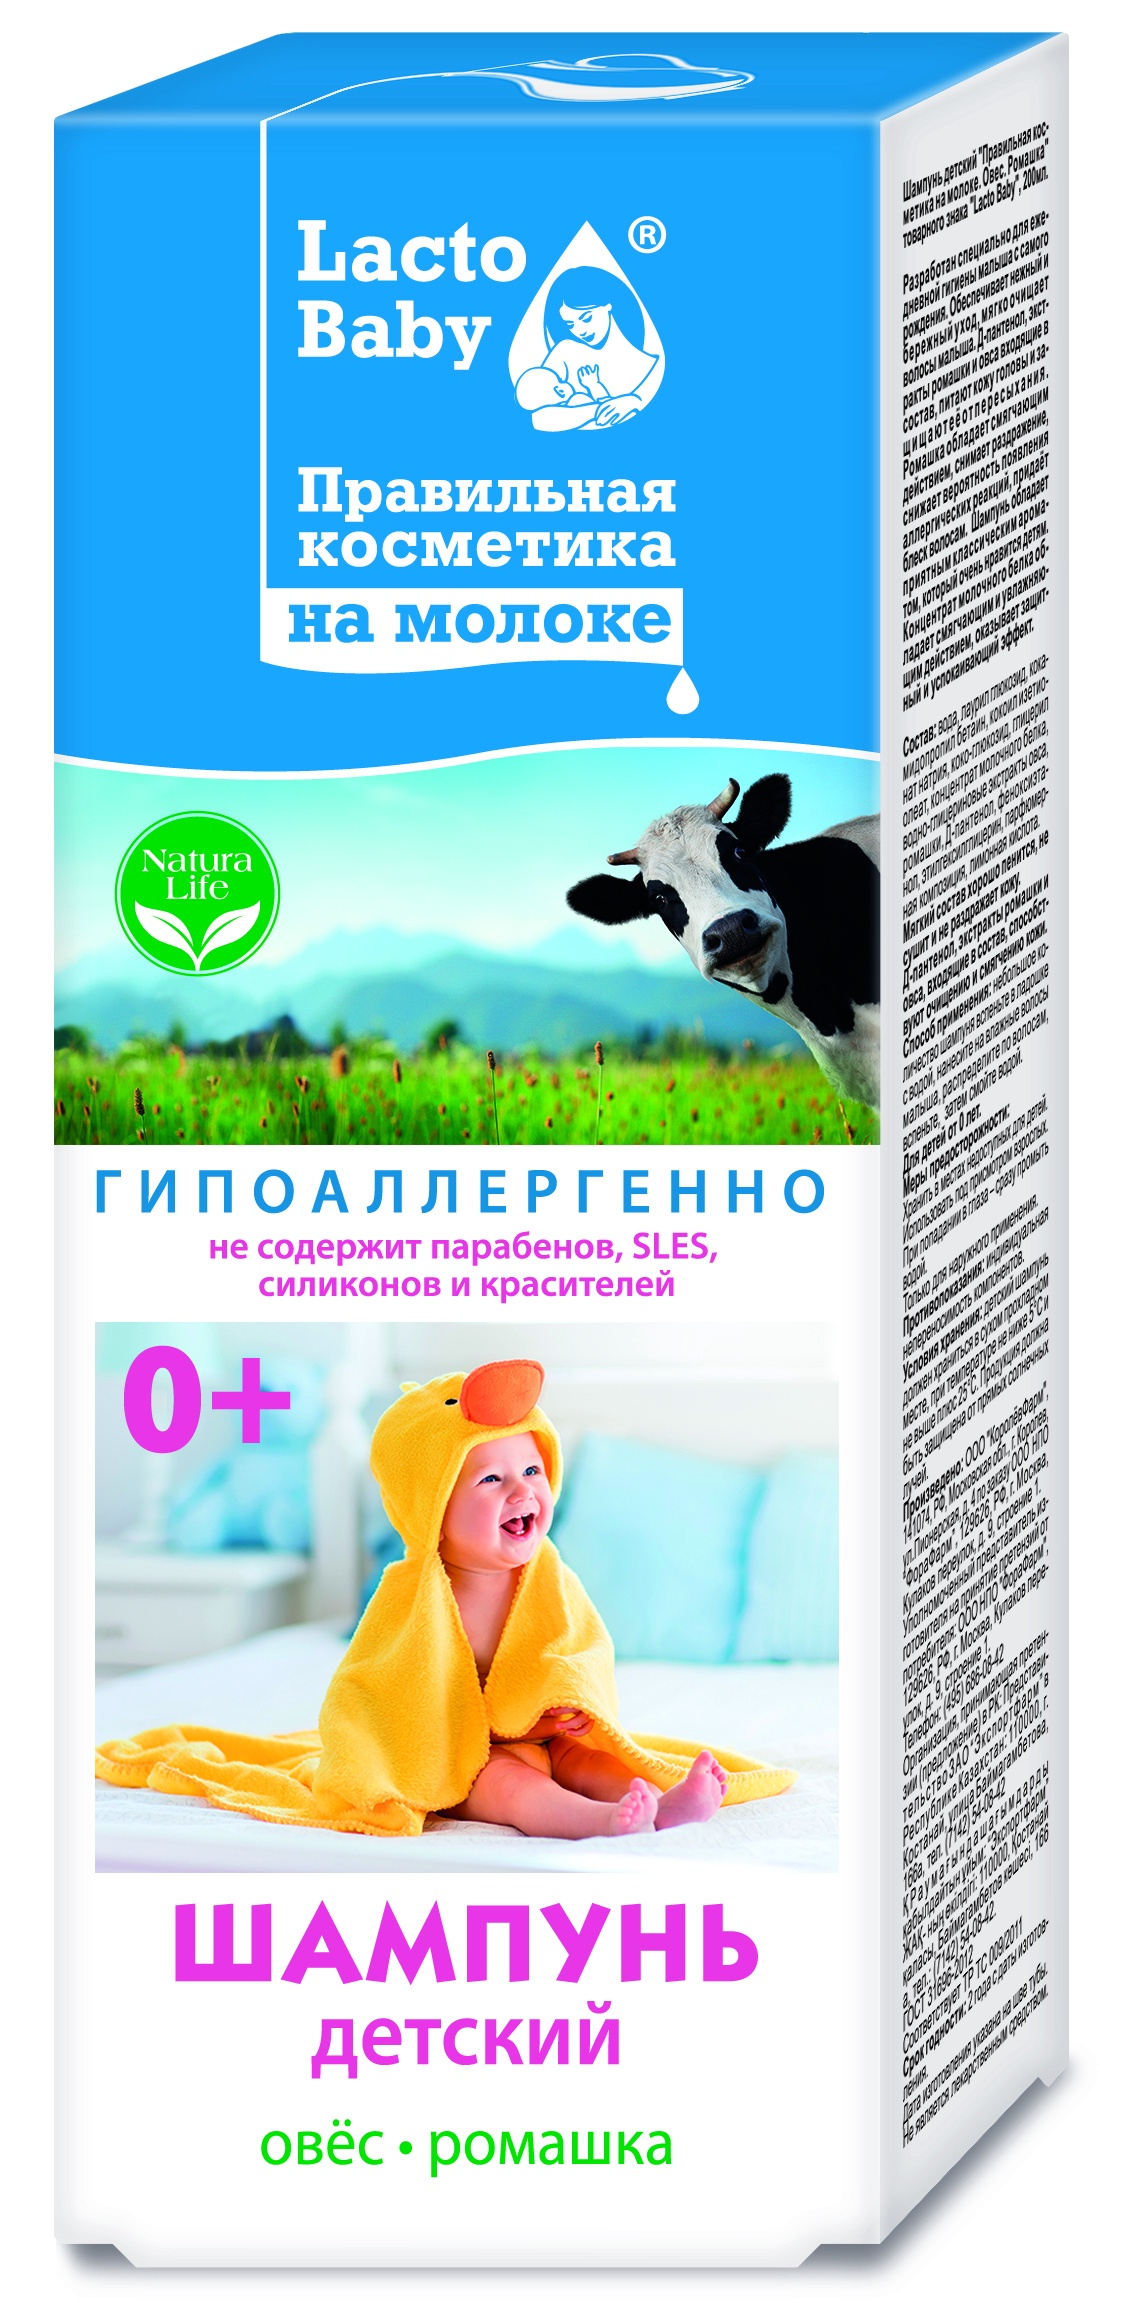 """Шампунь детский """"Лакто бэби"""" на молоке Овес. Ромашка 200мл"""